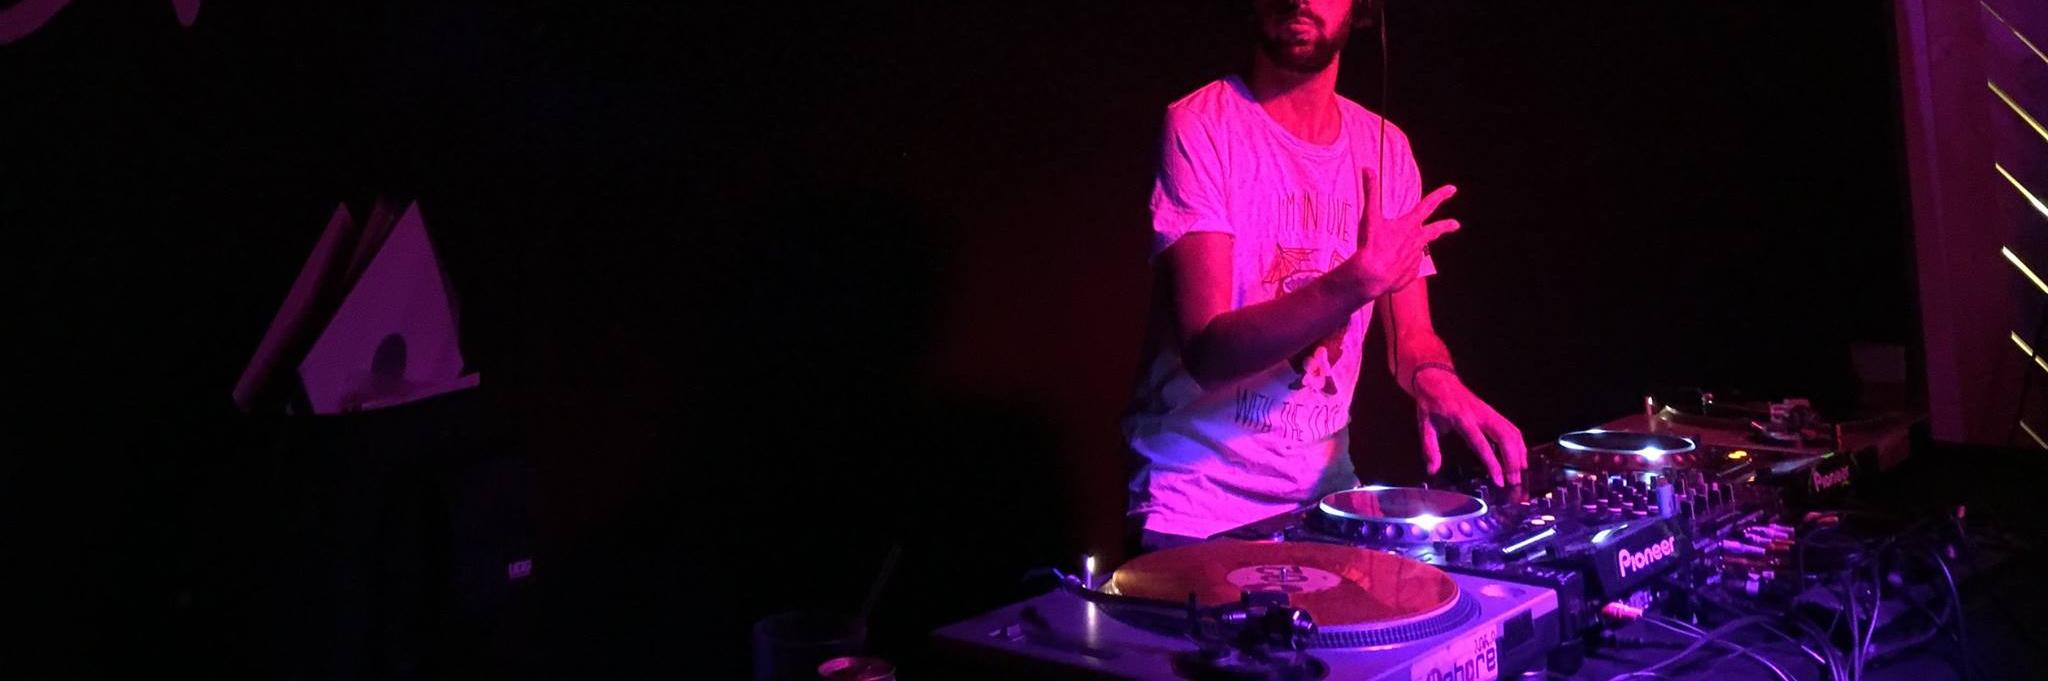 DSM, musicien Electronique en représentation à Paris - photo de couverture